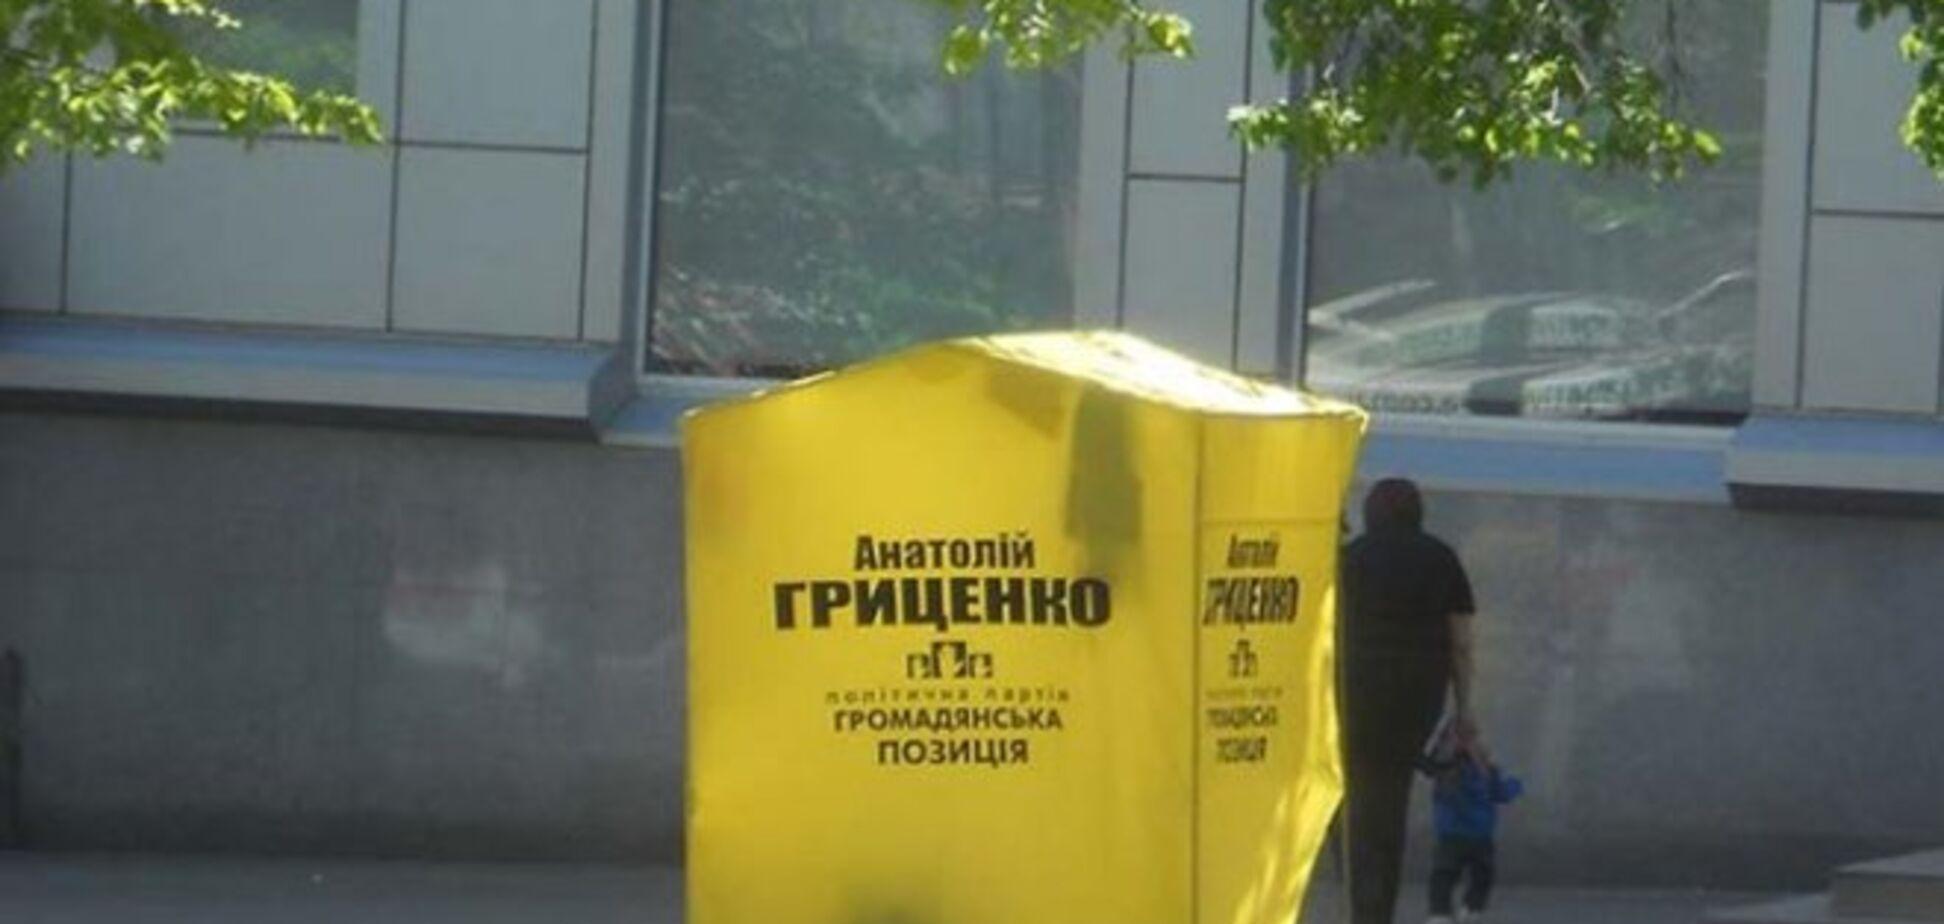 В Алчевске уничтожили агитпалатки Гриценко